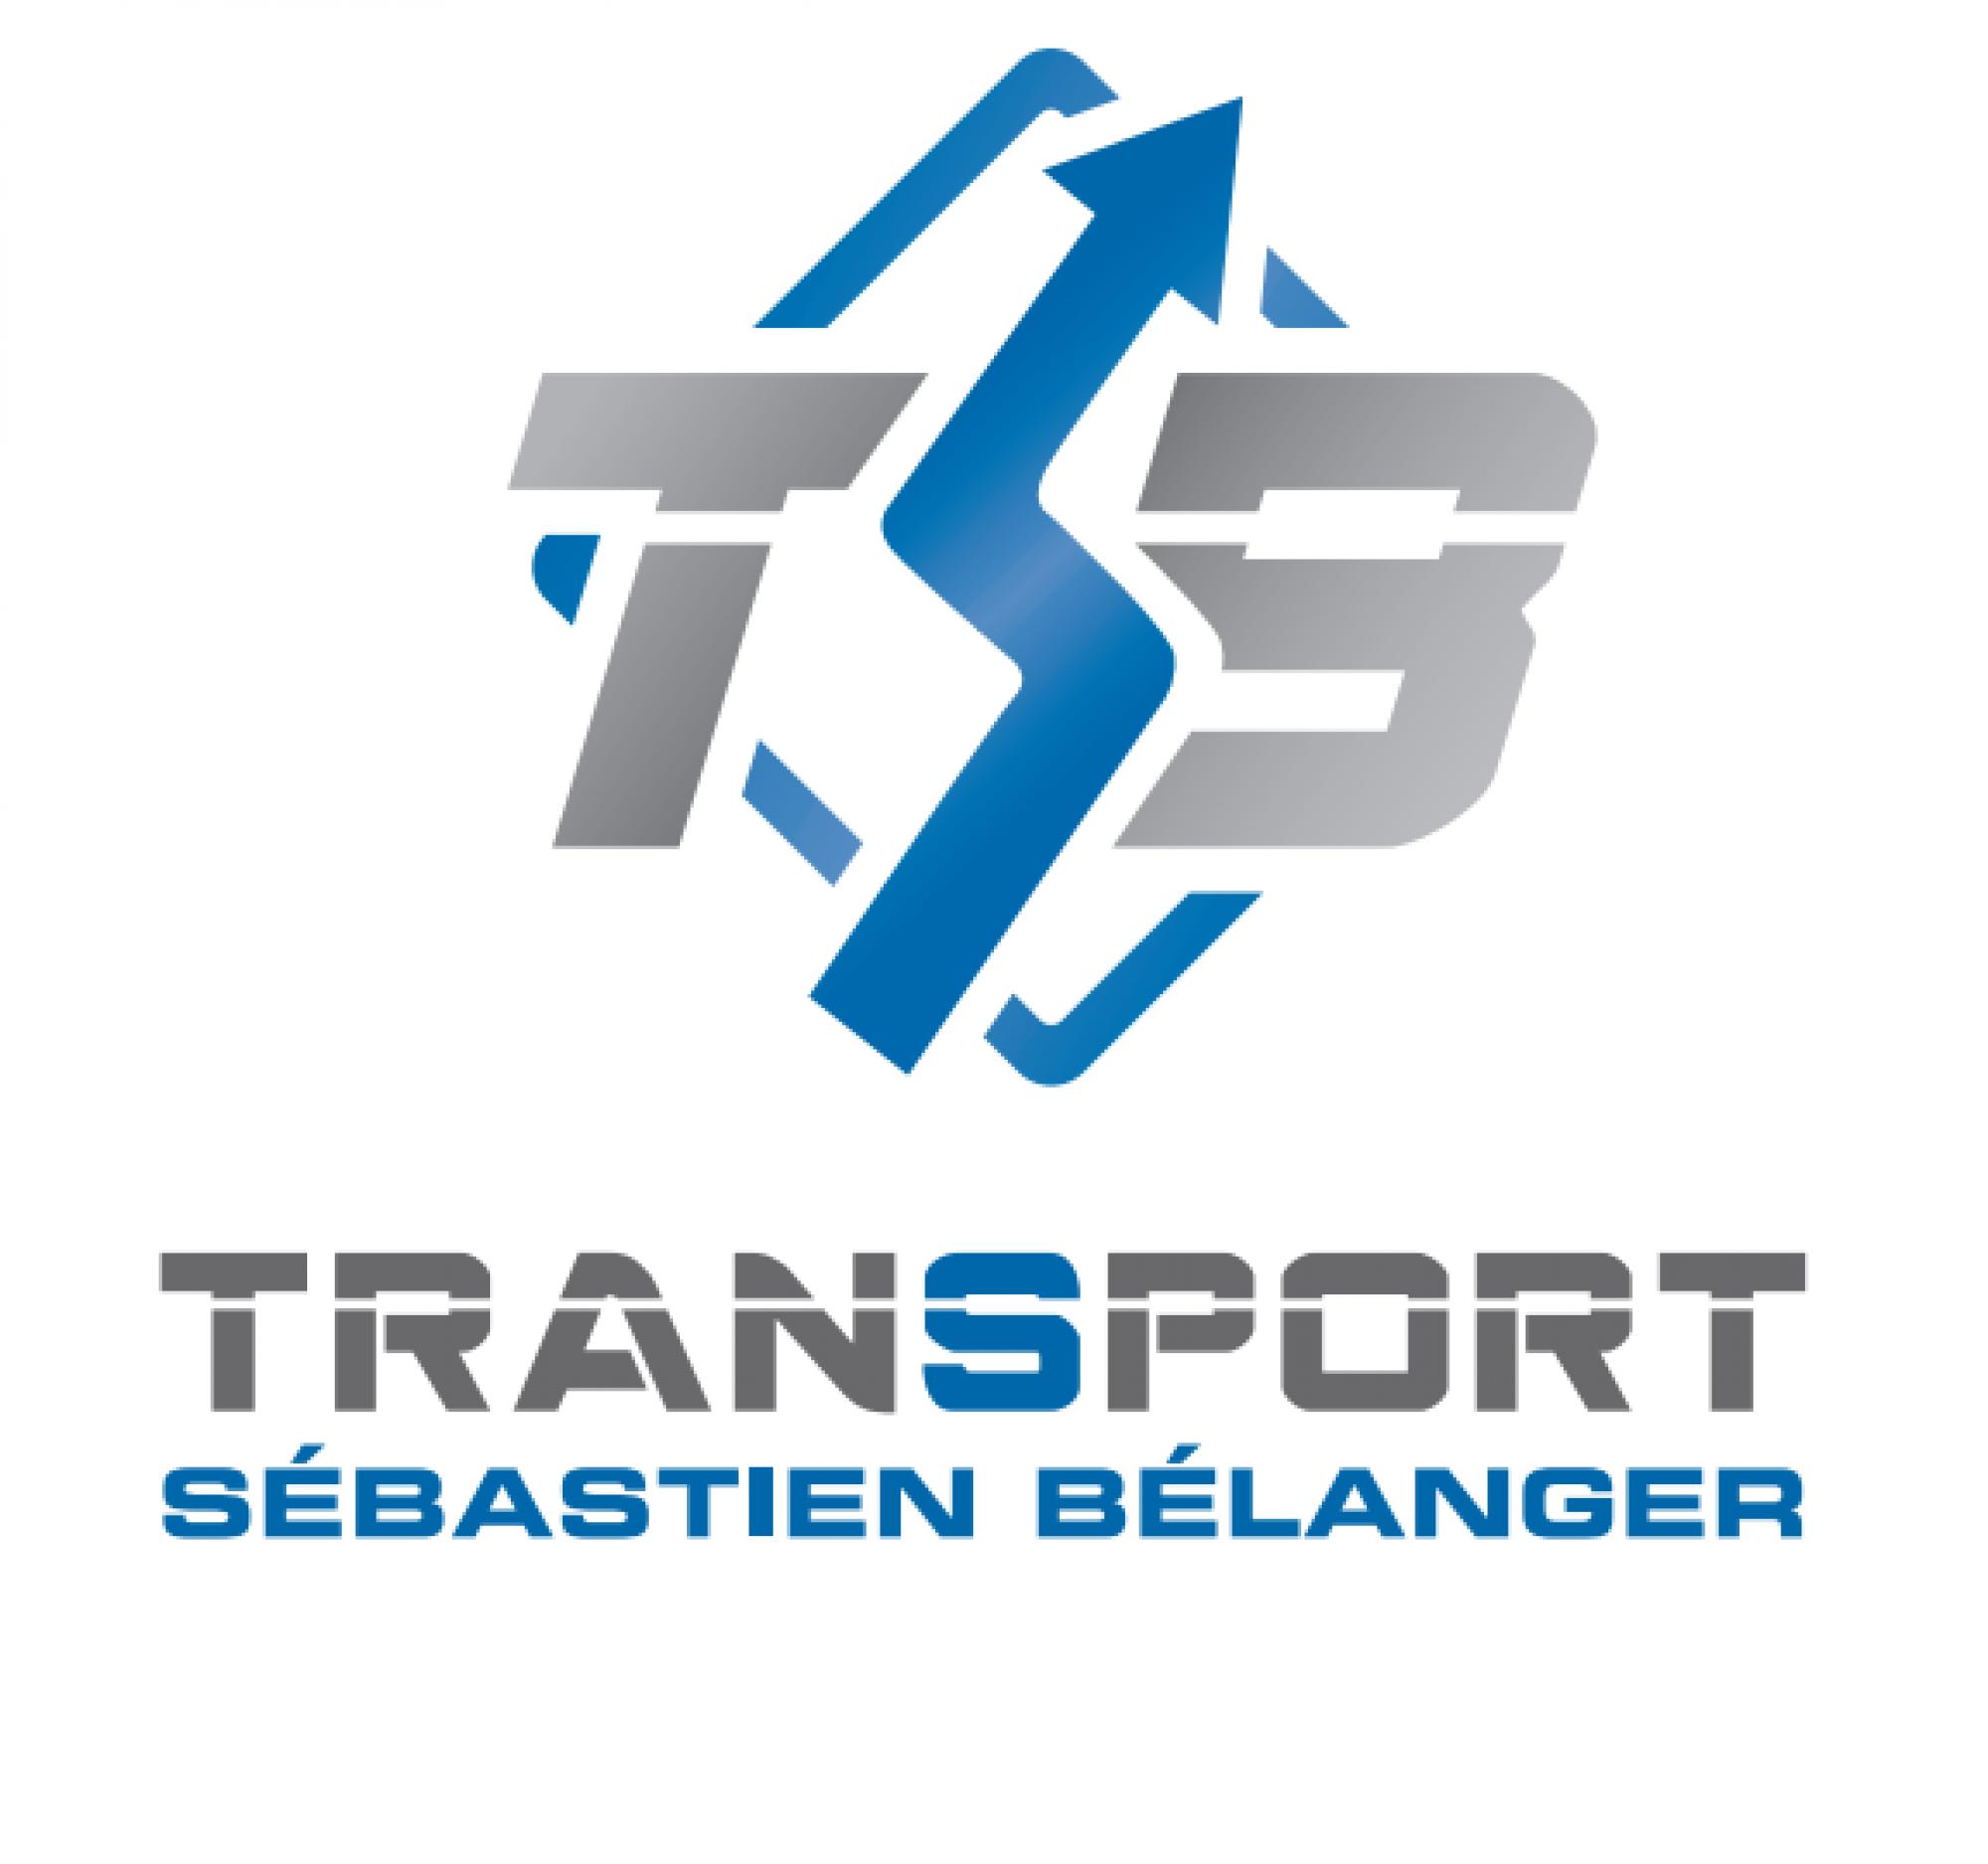 Transport Sébastien Bélanger